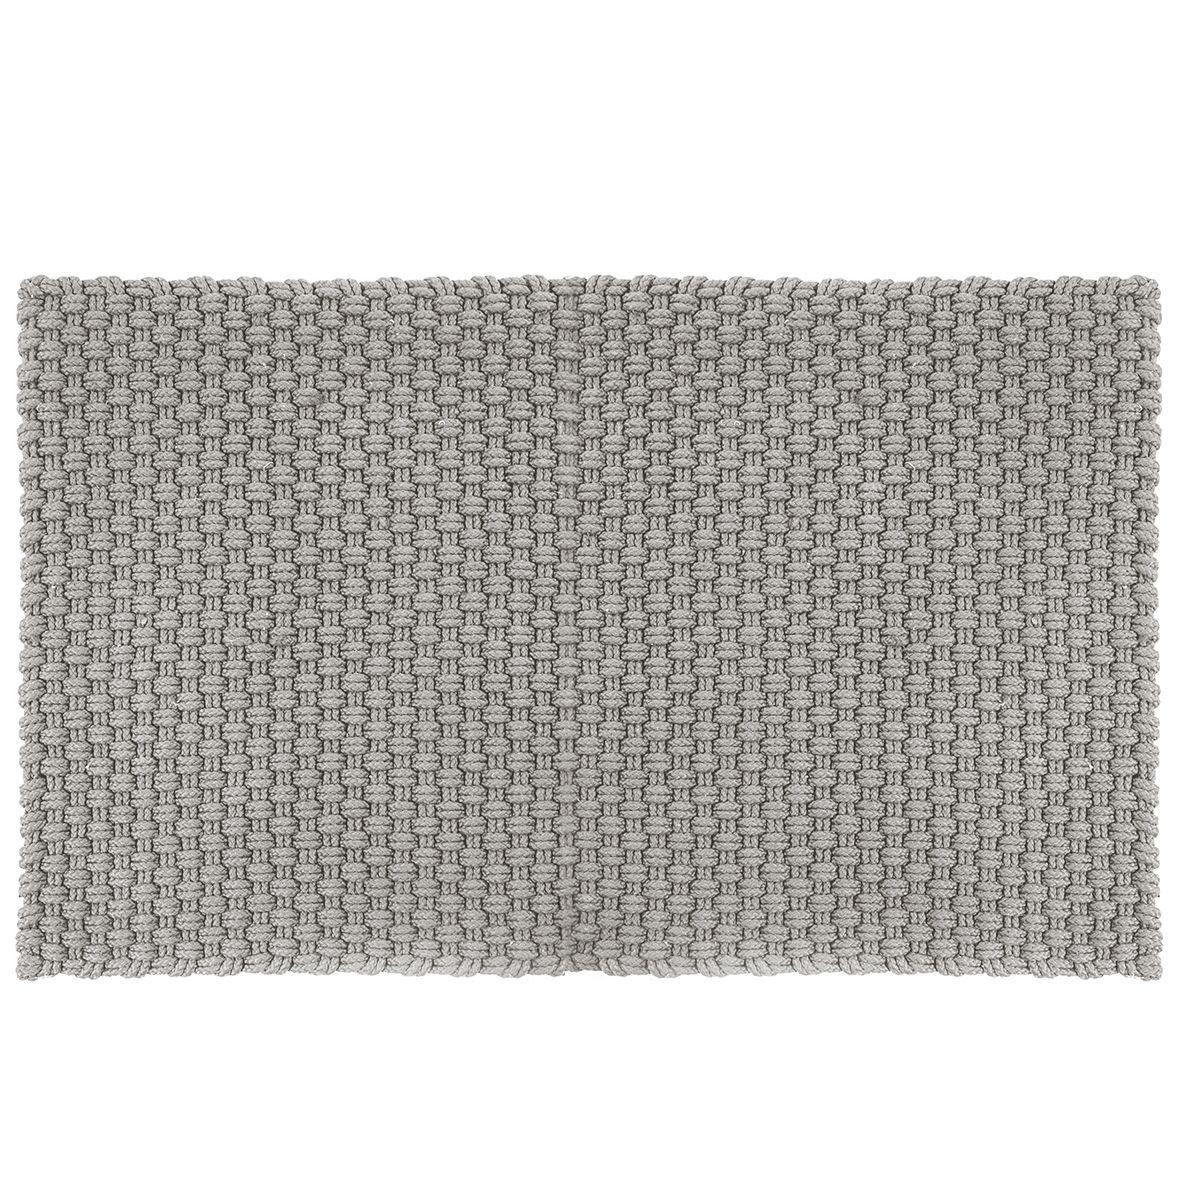 Pad - Fußmatte - Fußabtreter - Uni - Indoor Outdoor - Sand - 92 x 172 cm